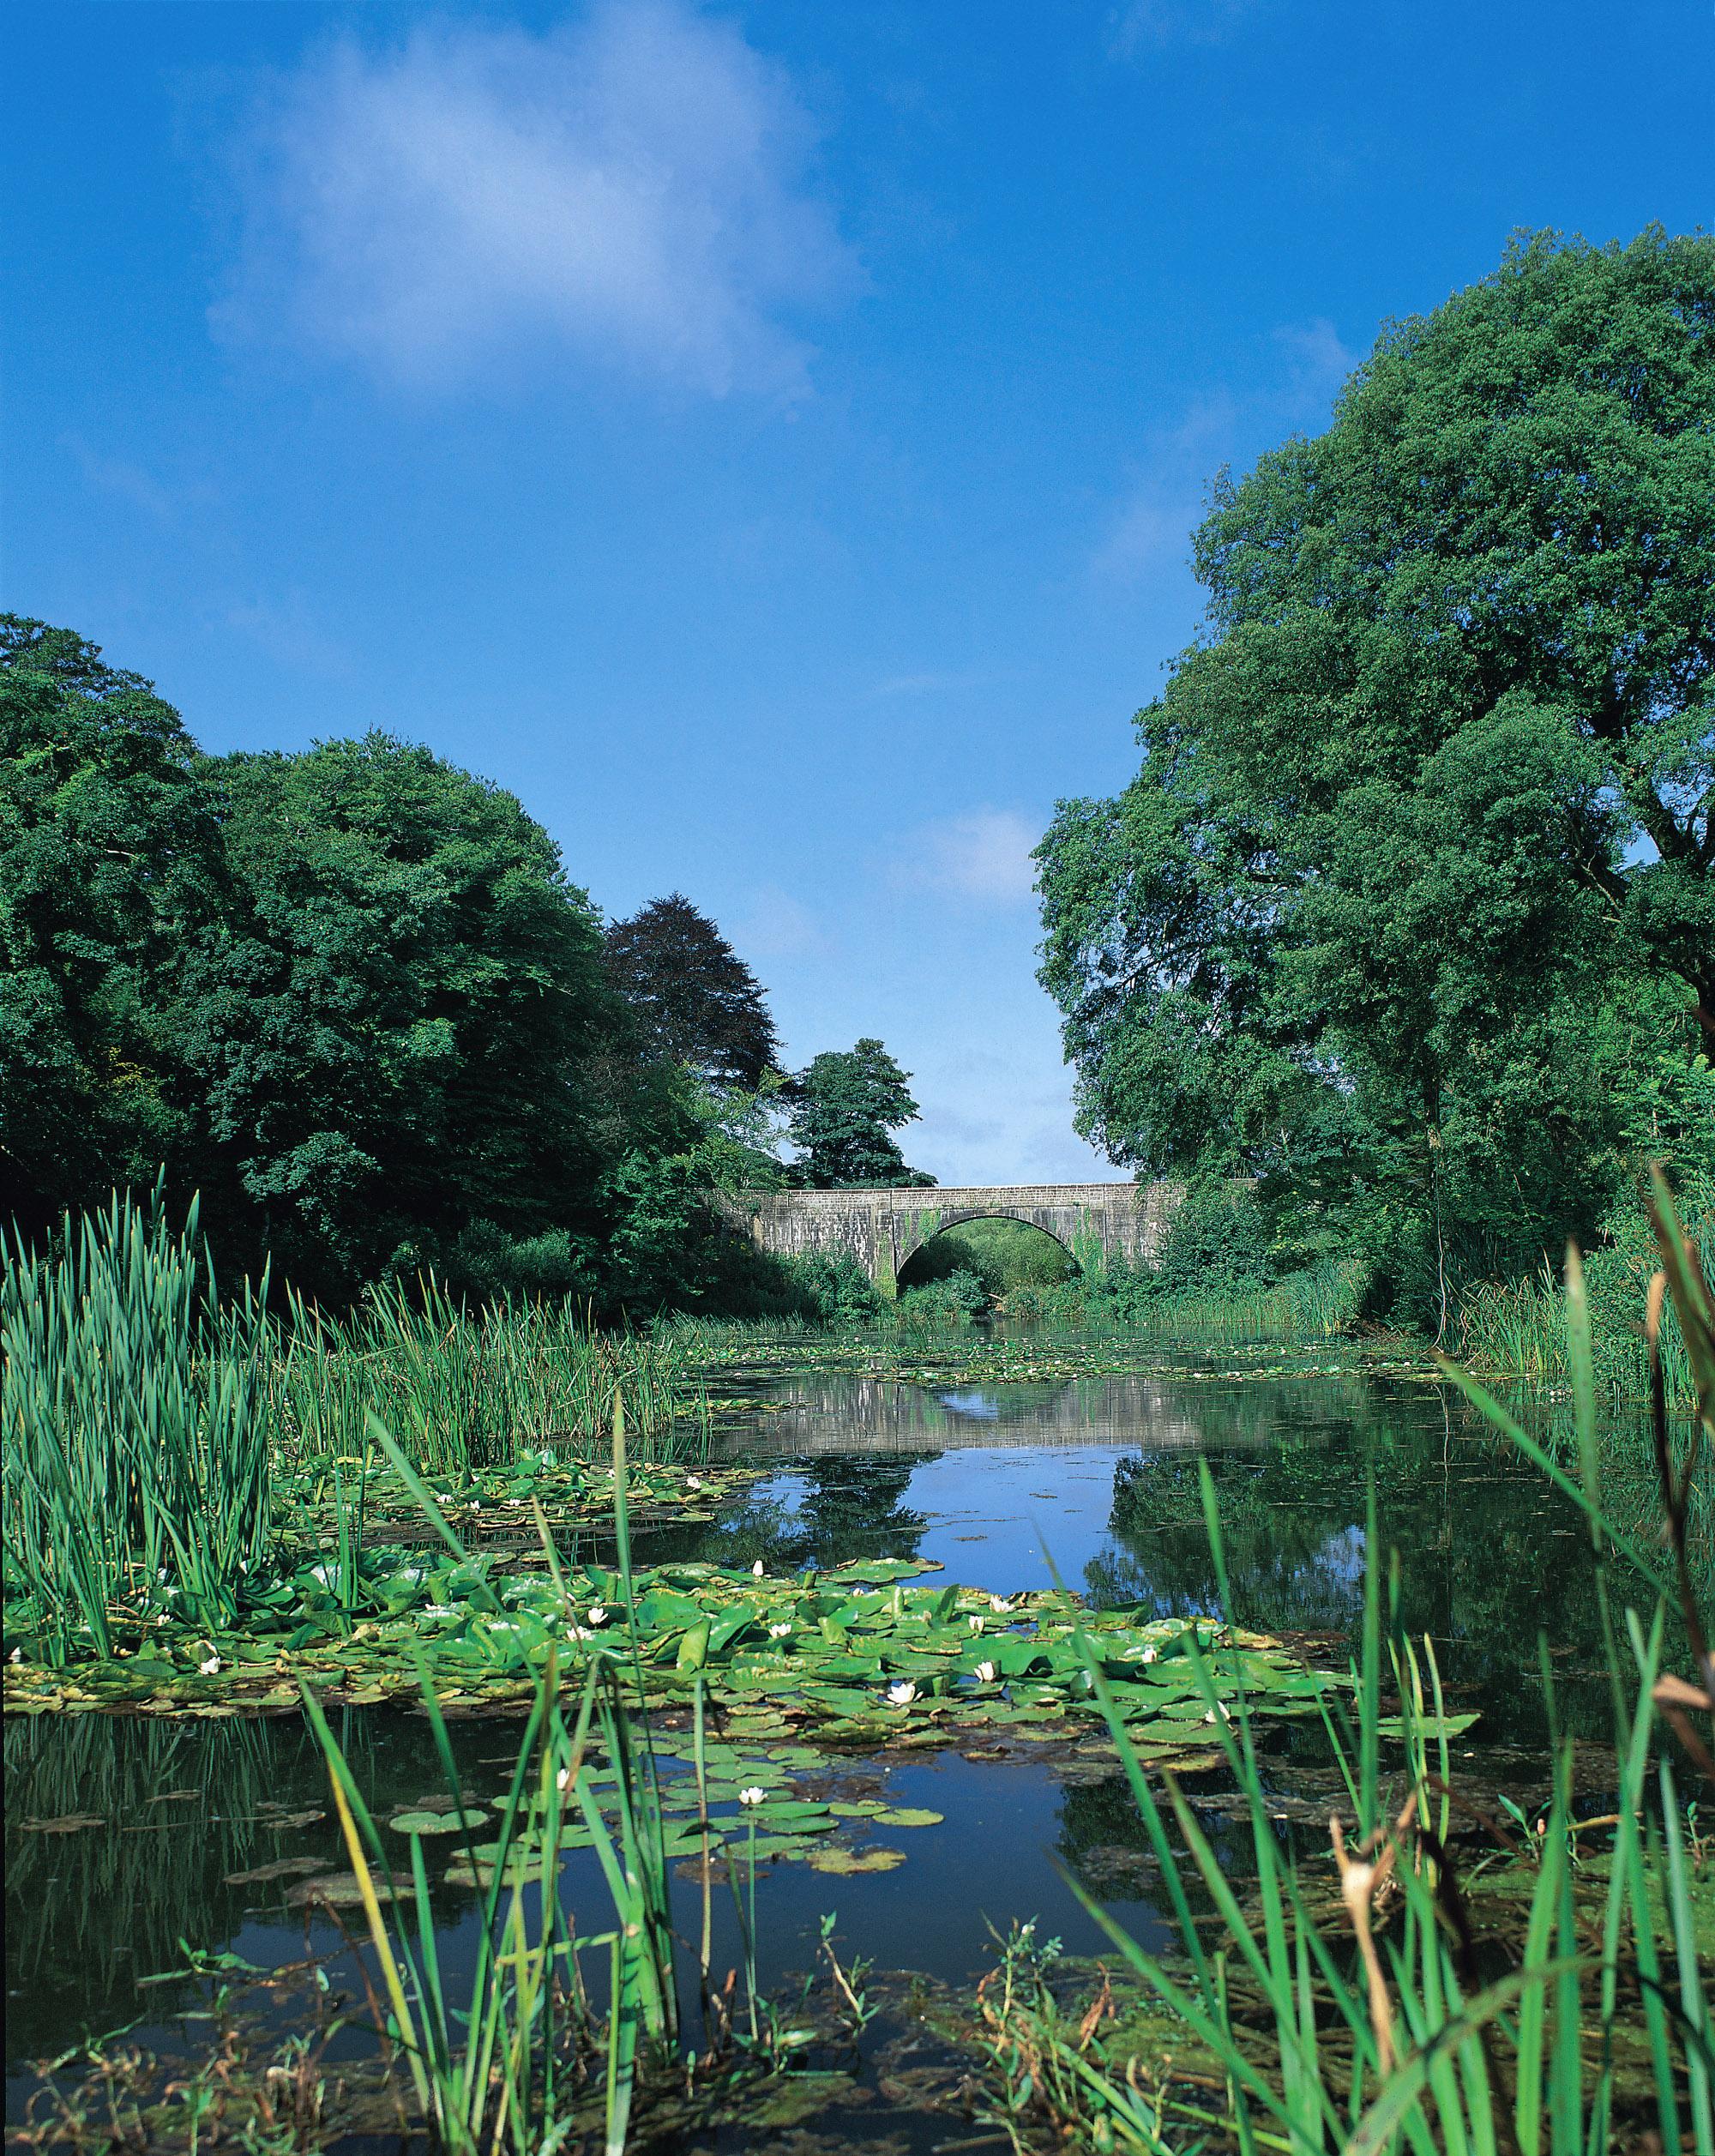 Bosherston Lily Ponds